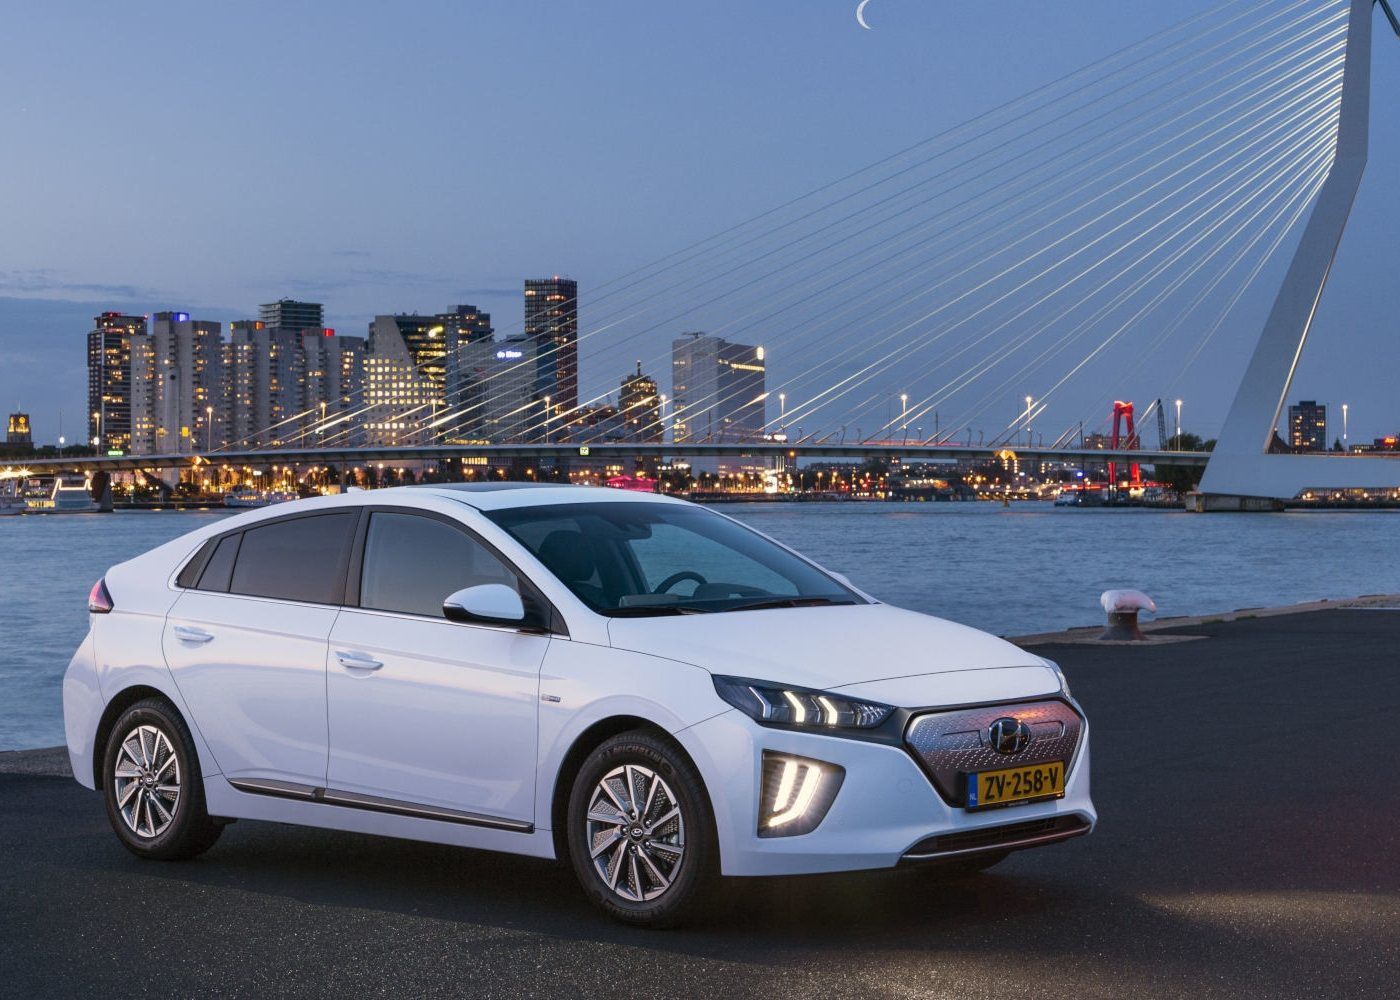 Hyundai Ioniq um dos carros elétricos à venda em Portugal